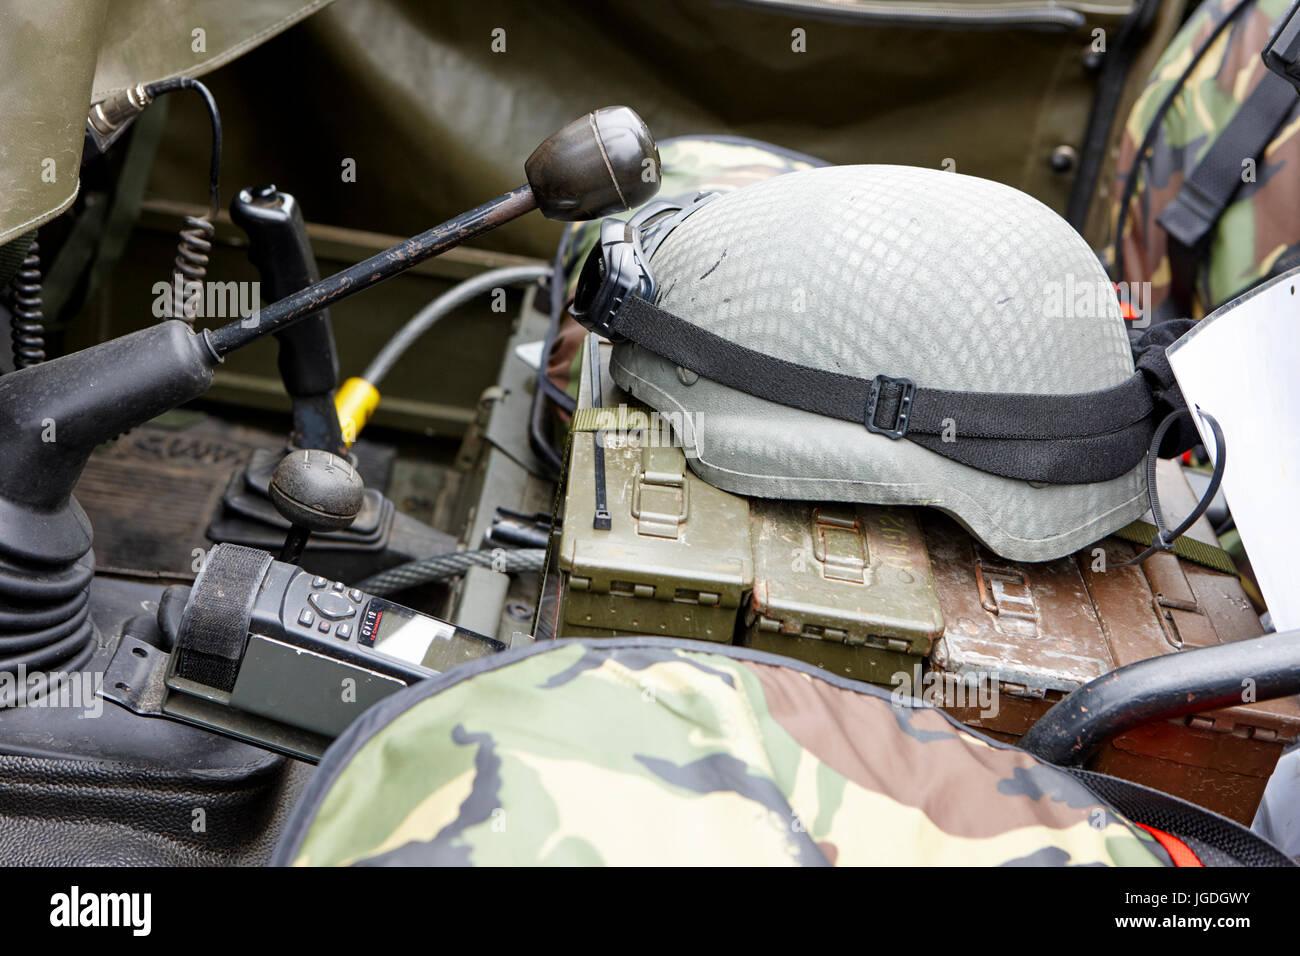 Advanced combat casco e occhiali in British Army veicolo regno unito Immagini Stock